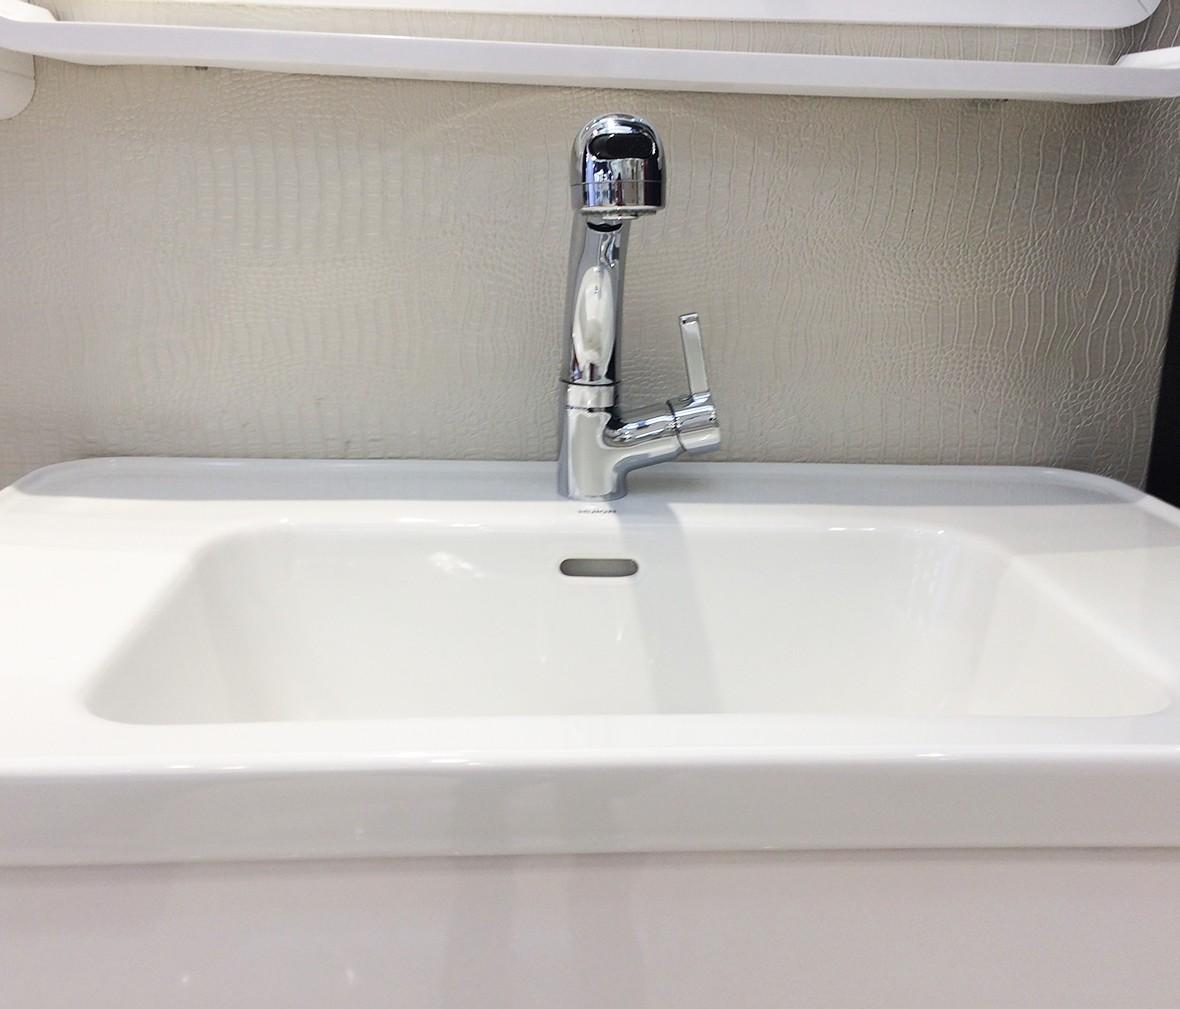 惠达卫浴 HDA1261M型号单把单孔面盆龙头